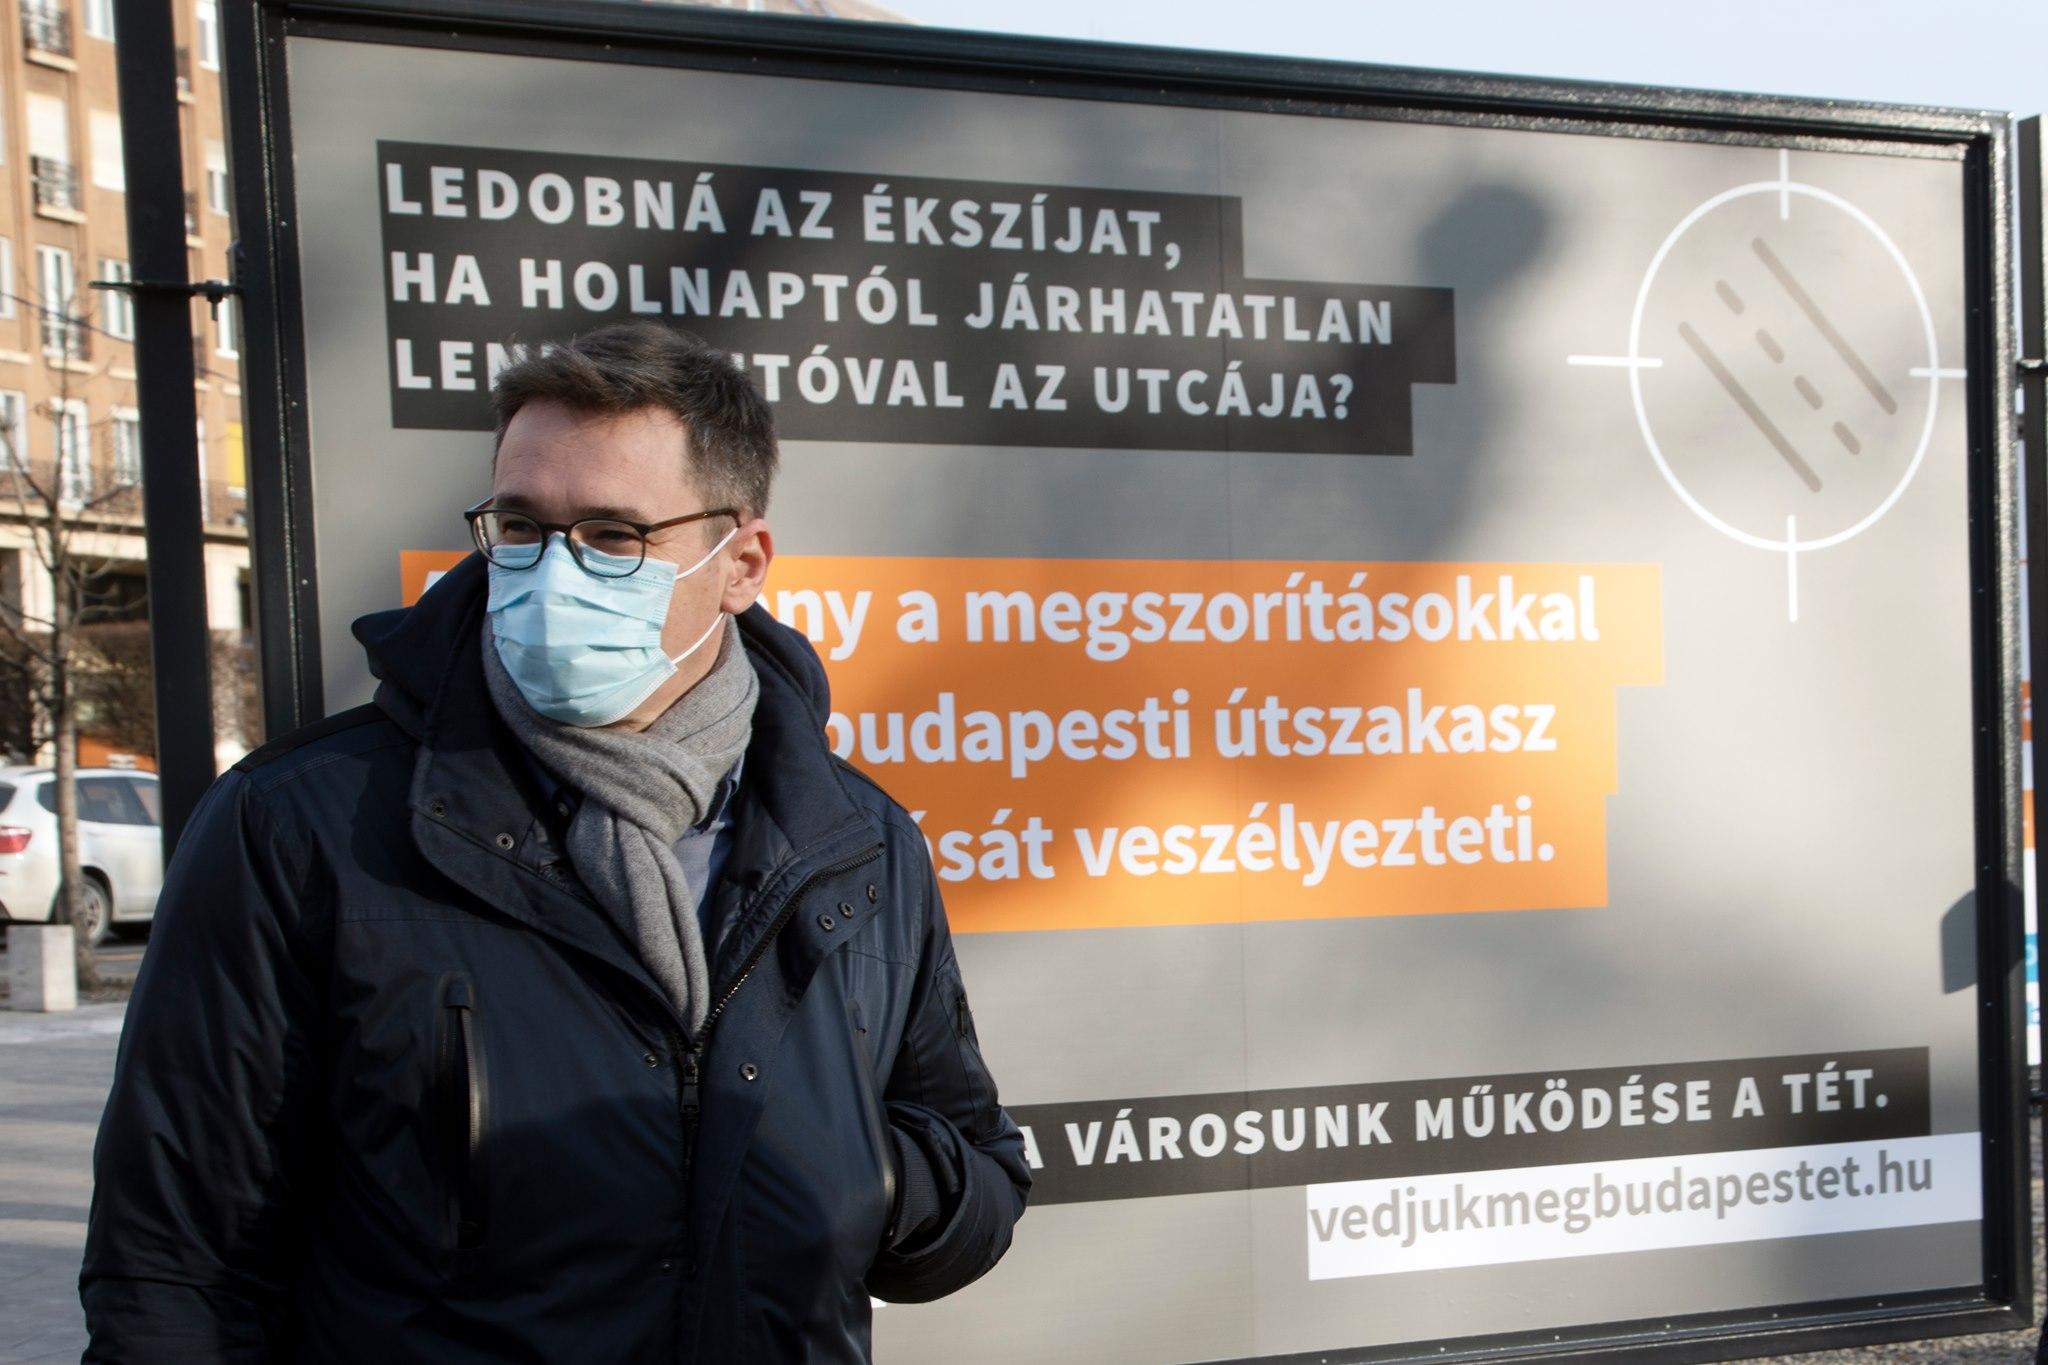 Karácsony: A járvány és a válság rombolása mellé zárkózik fel az Orbán-kormány a megszorításaival